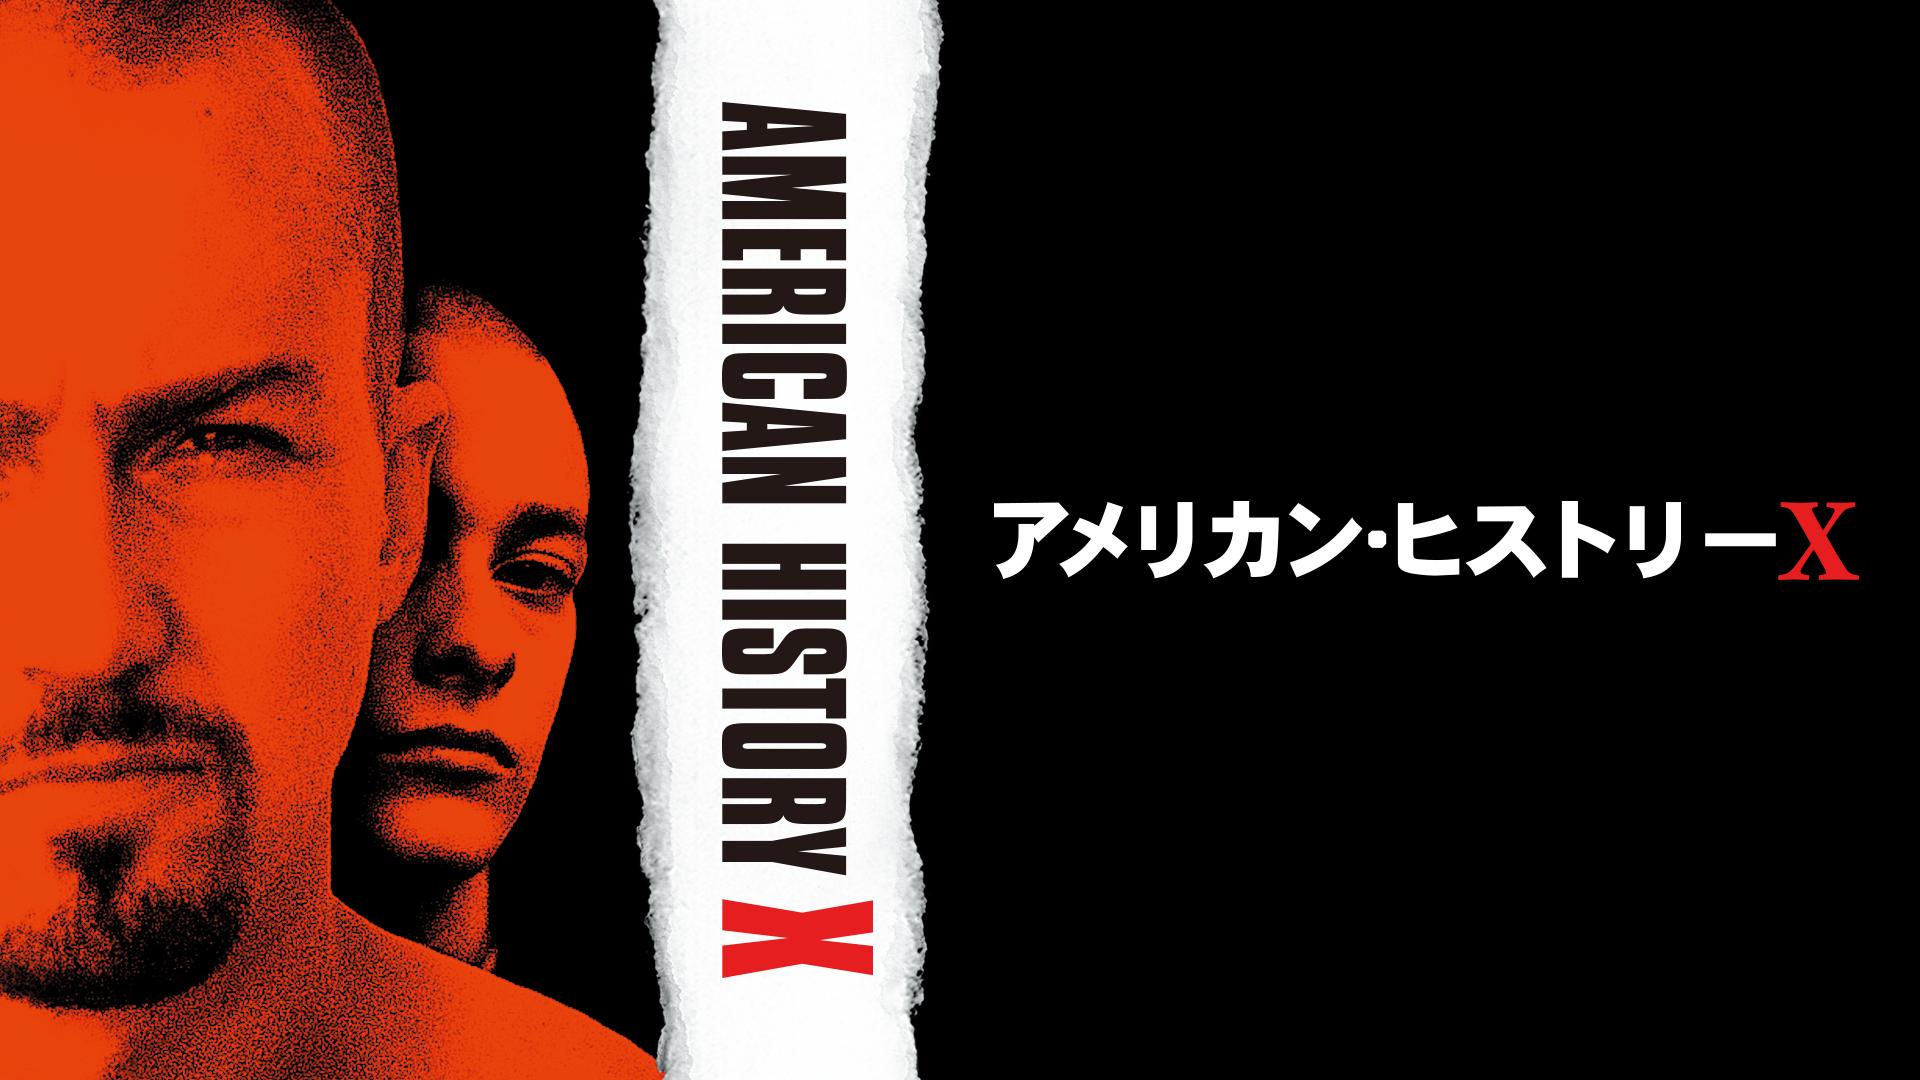 アメリカン・ヒストリーX 動画